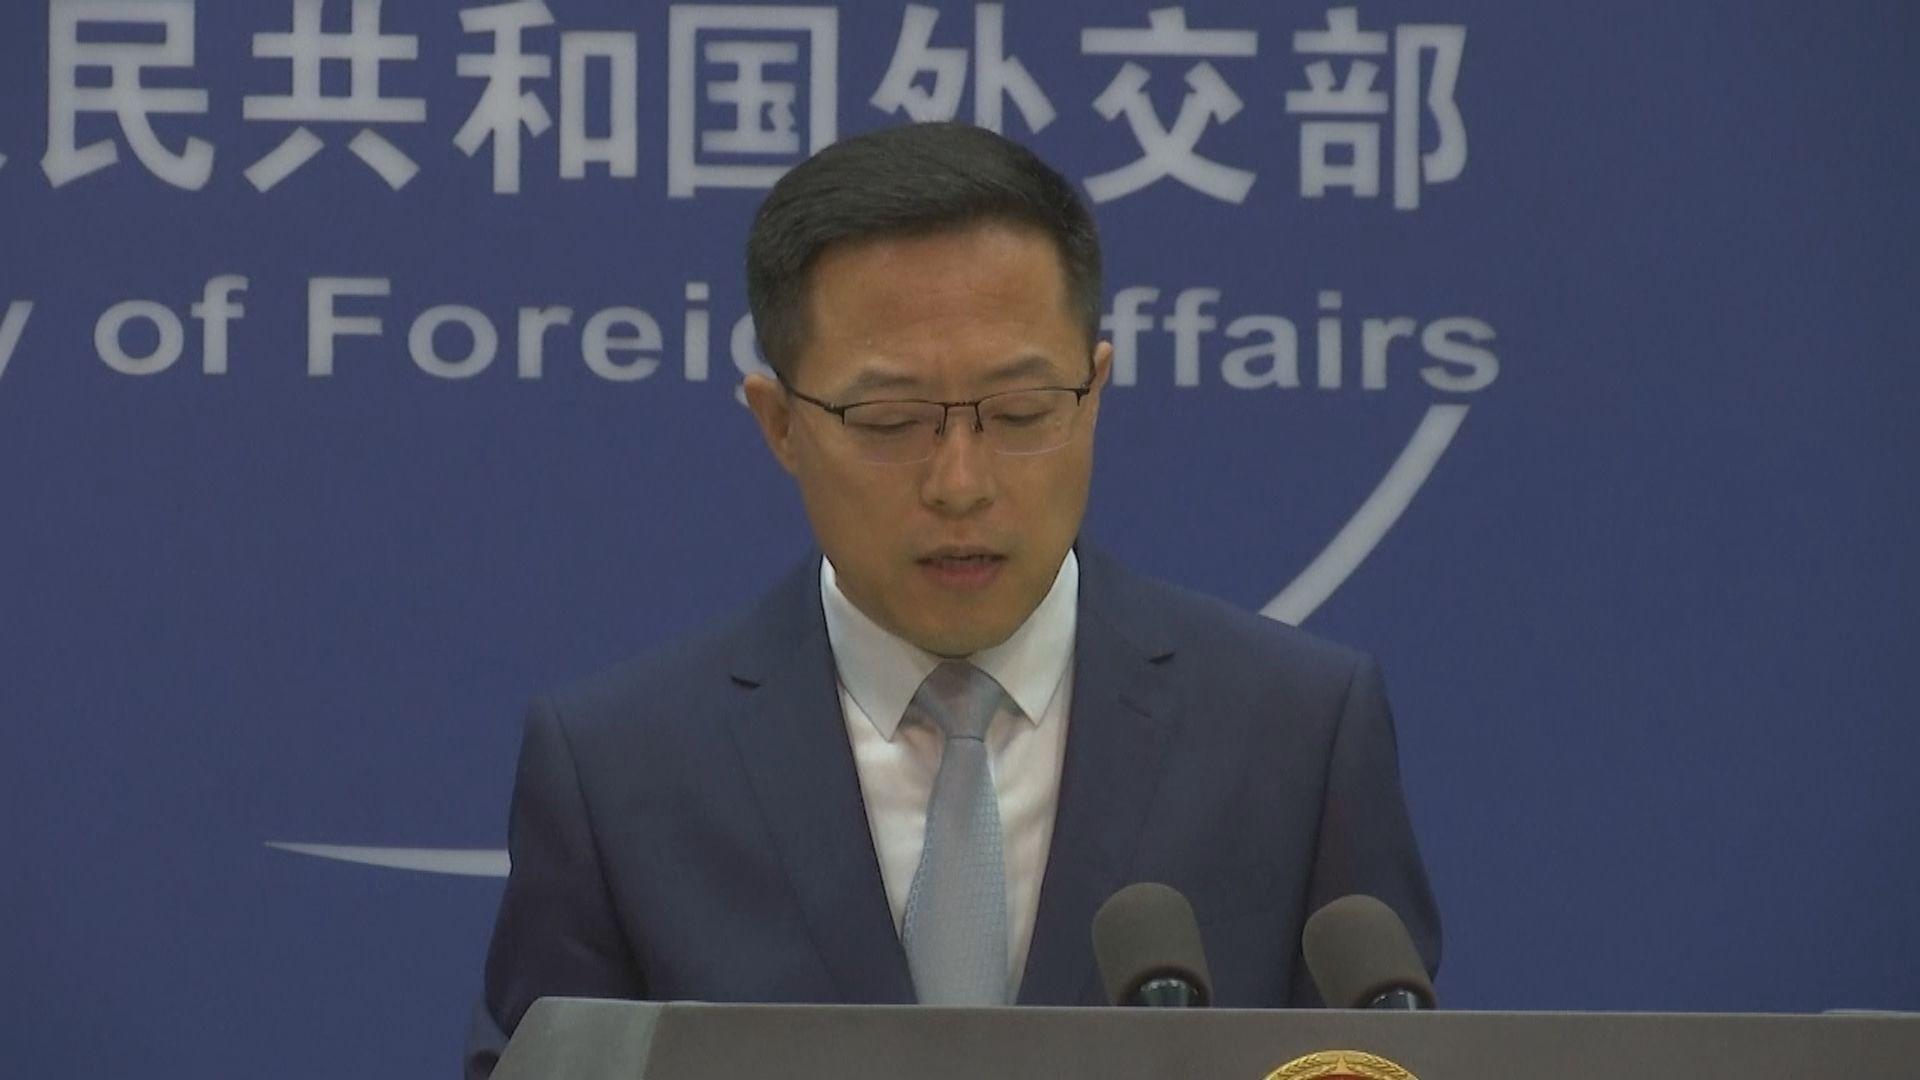 日本白皮書提台灣局勢 外交部:渲染中國威脅極其錯誤